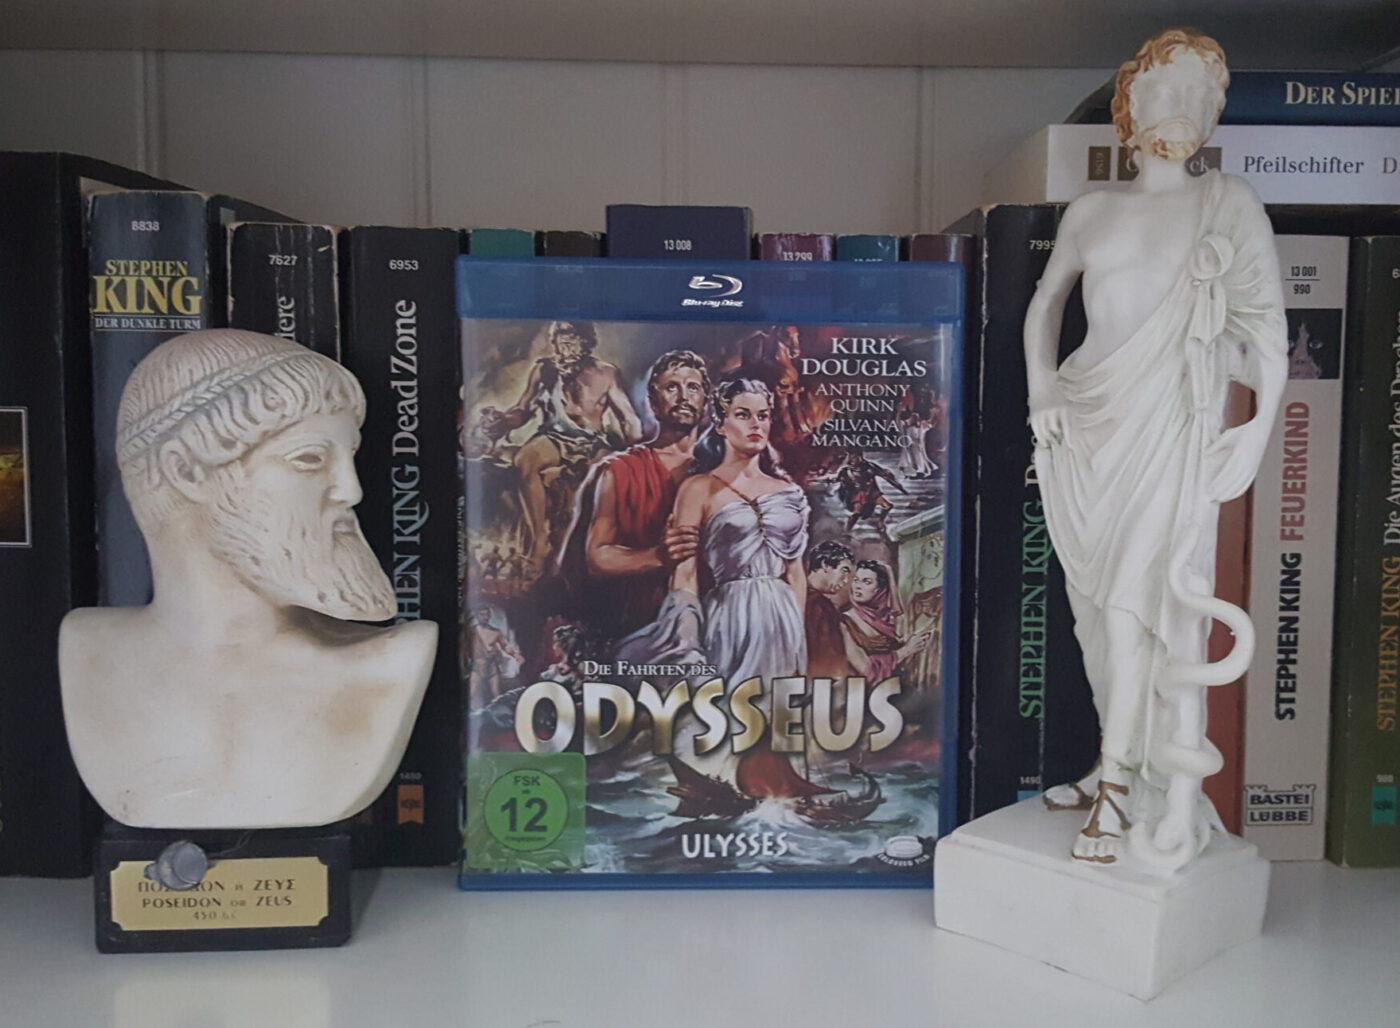 Die fahrten des Odysseuss